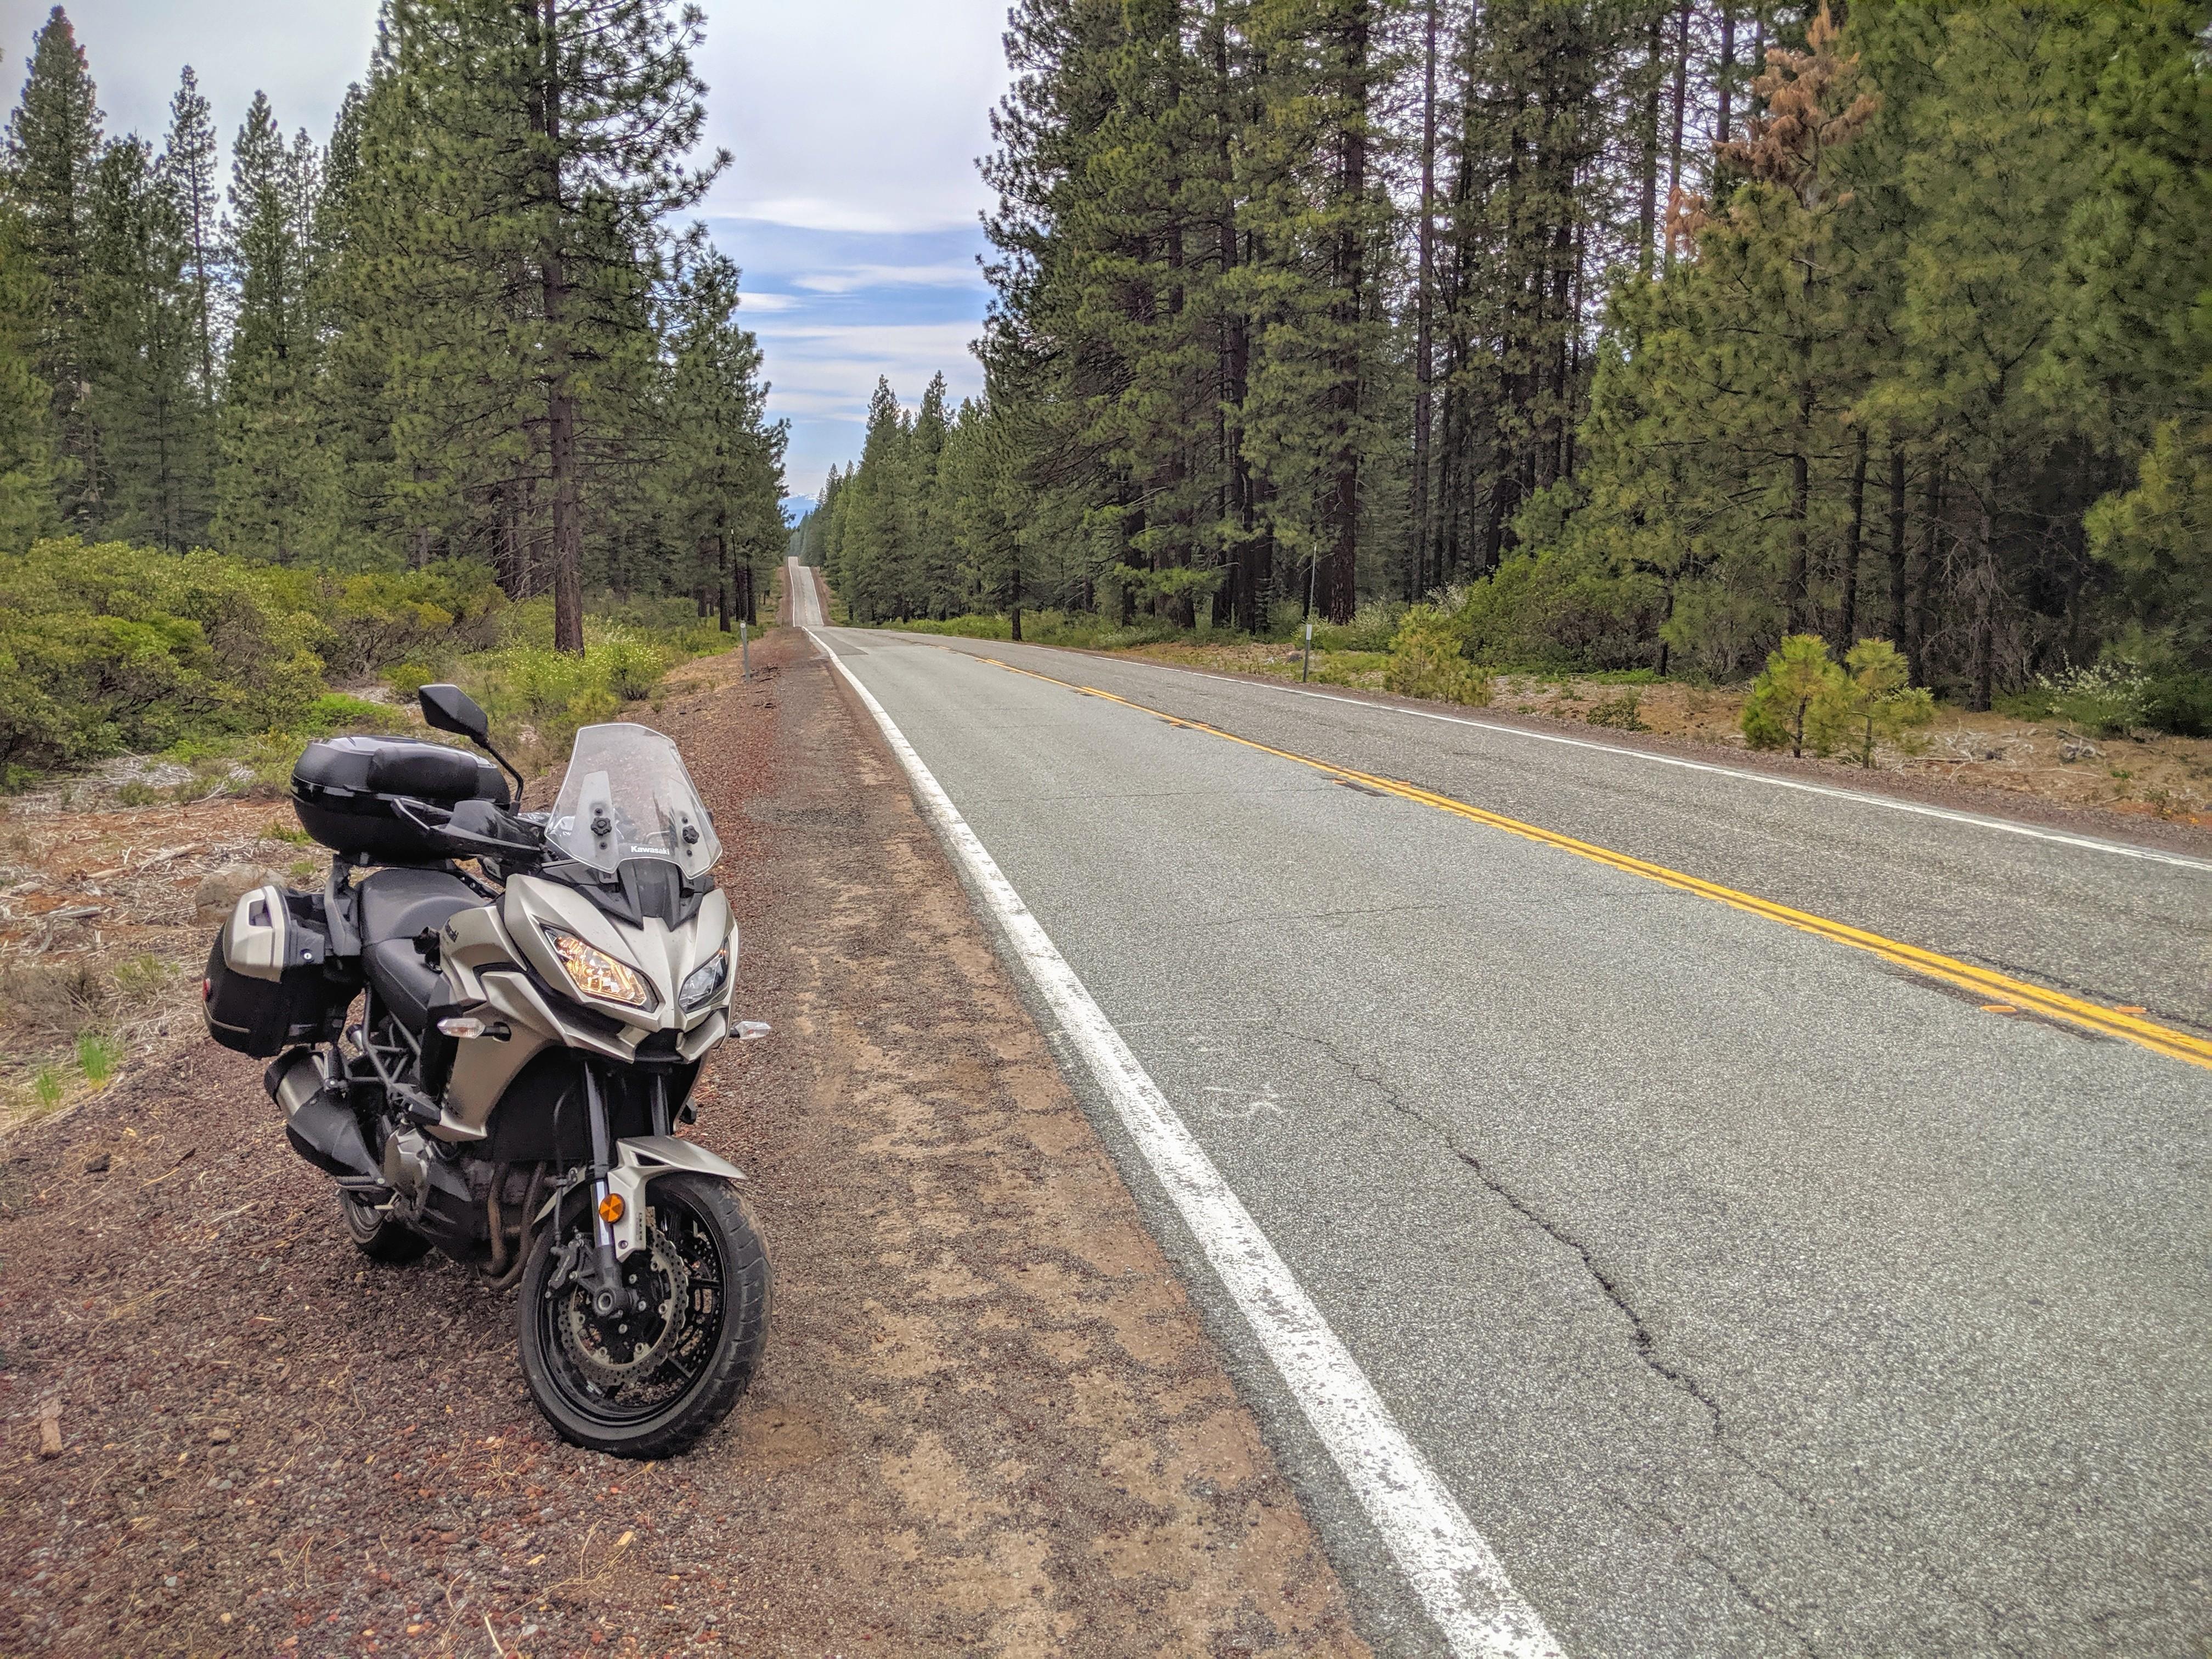 Mille miglia in sella alla Kawasaki Versys puntando verso l'Oregon